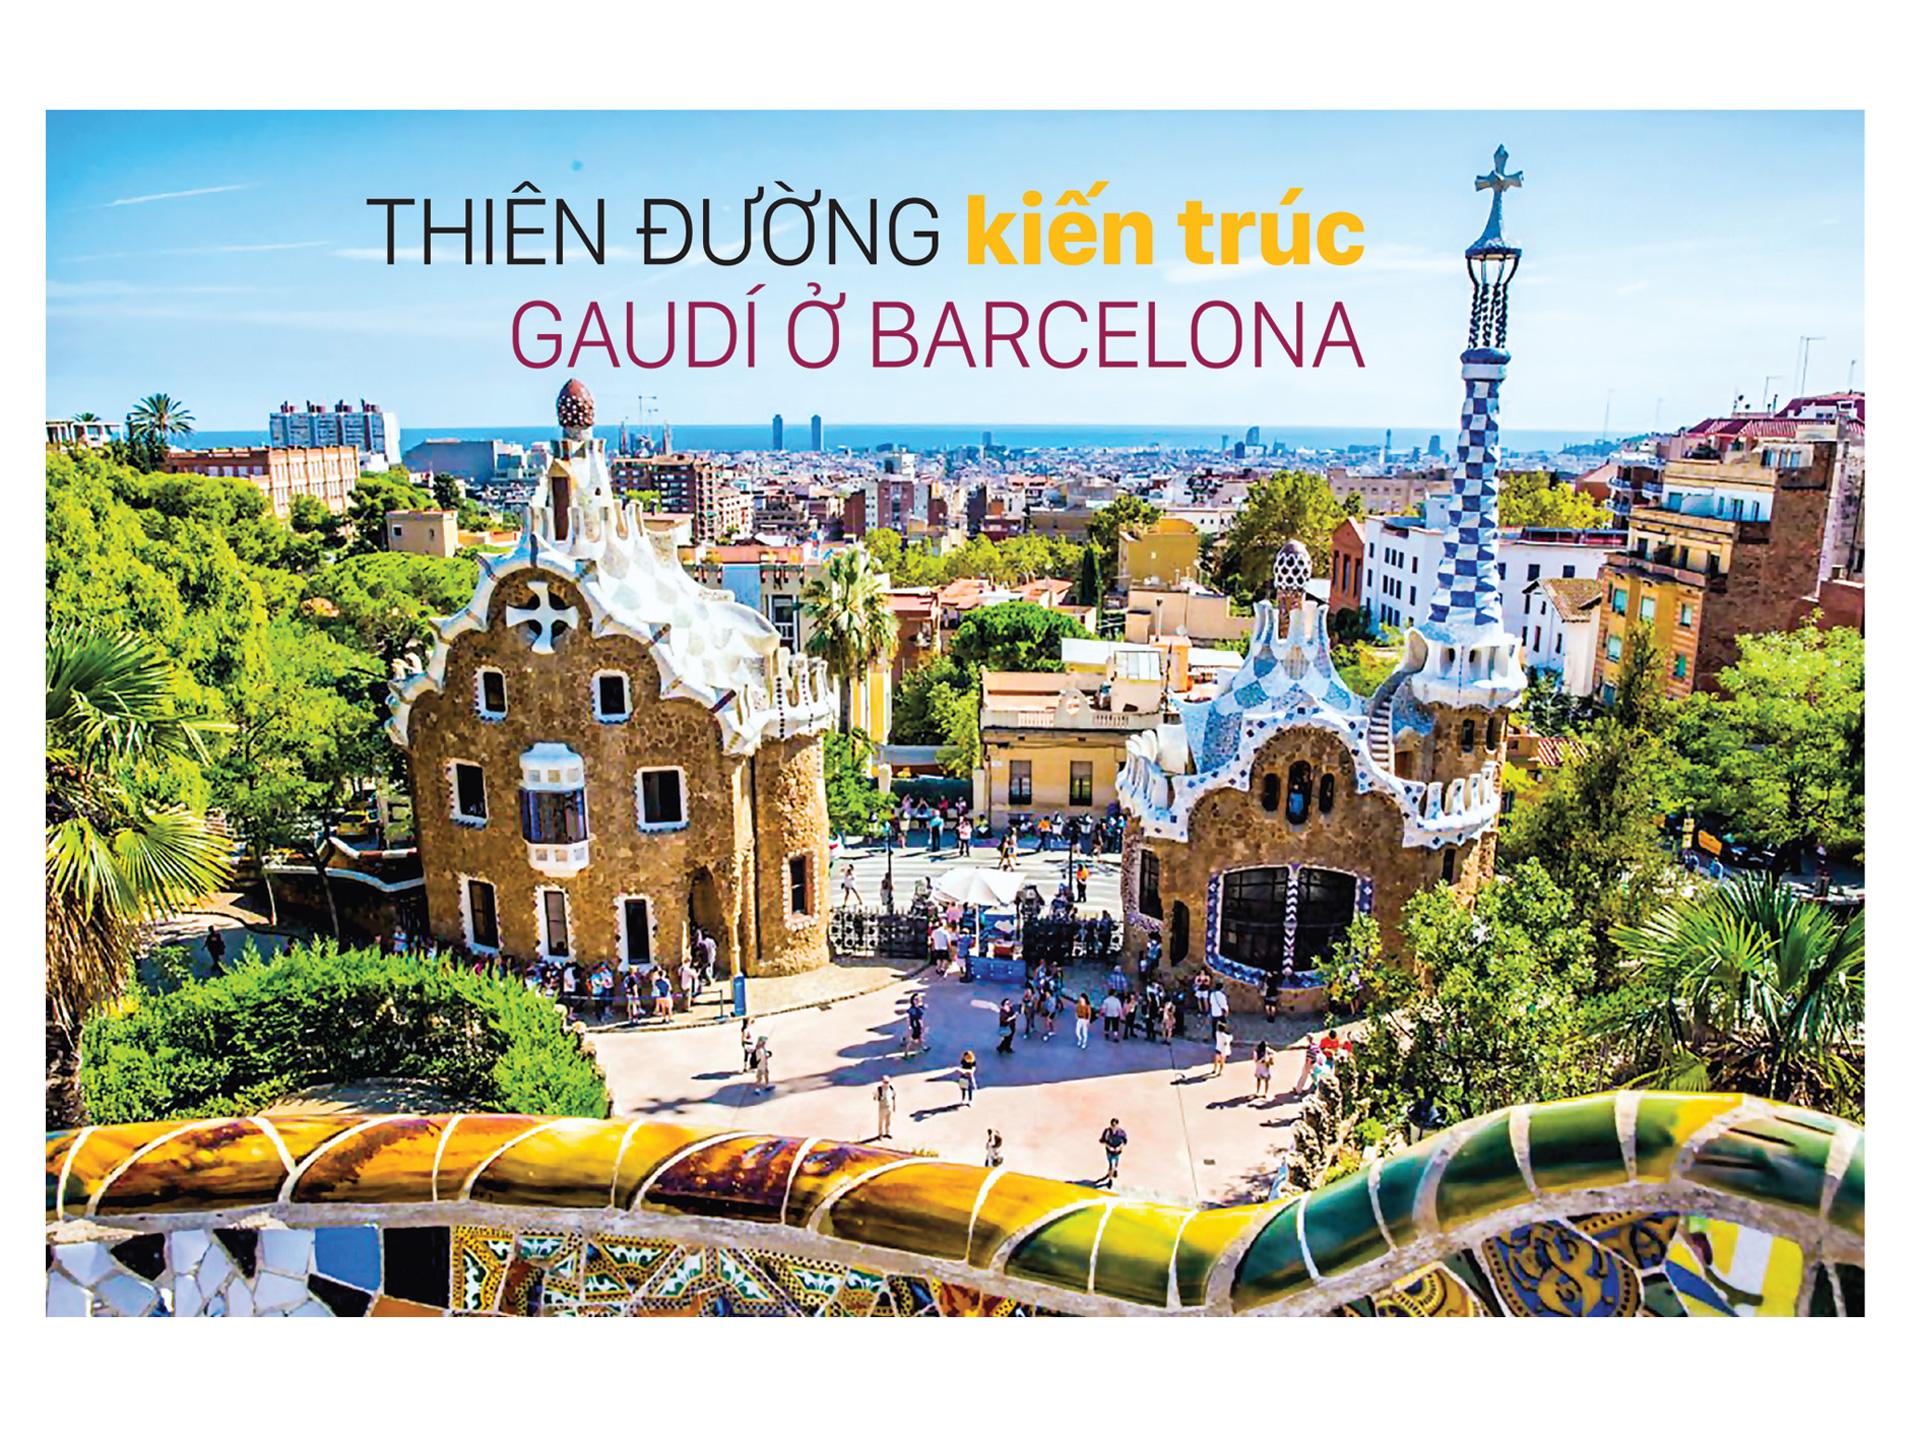 Thiên đường kiến trúc Gaudí ở Barcelona